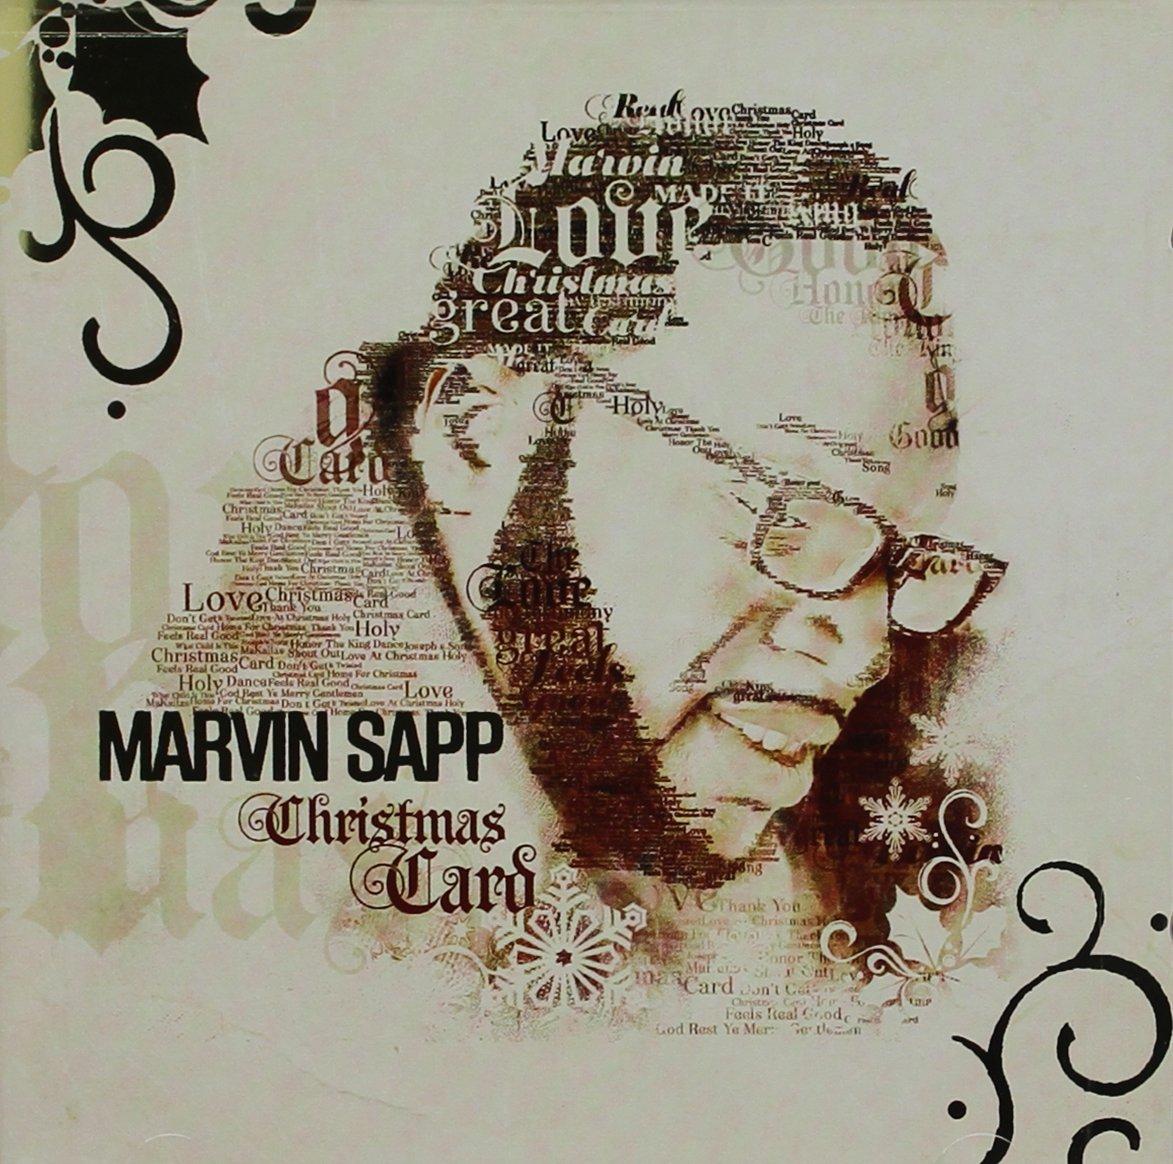 CD : Marvin Sapp - Christmas Card (CD)